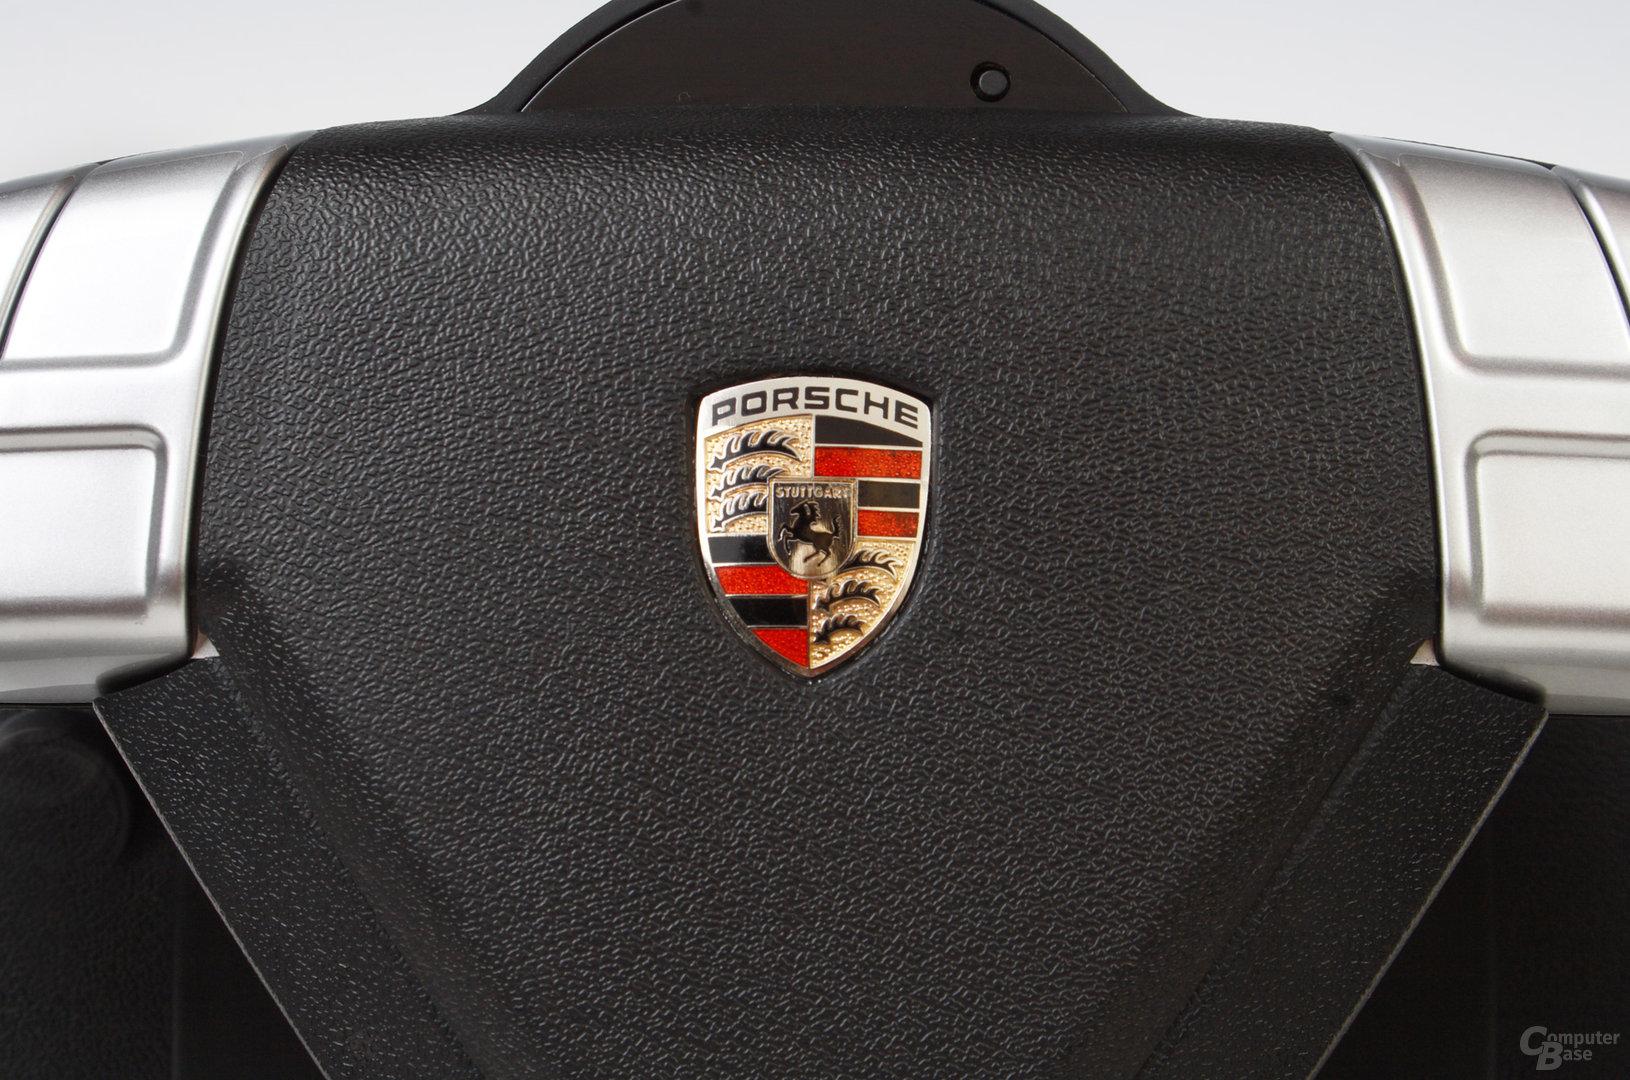 Porsche 911 Turbo S Lenkrad – Detail